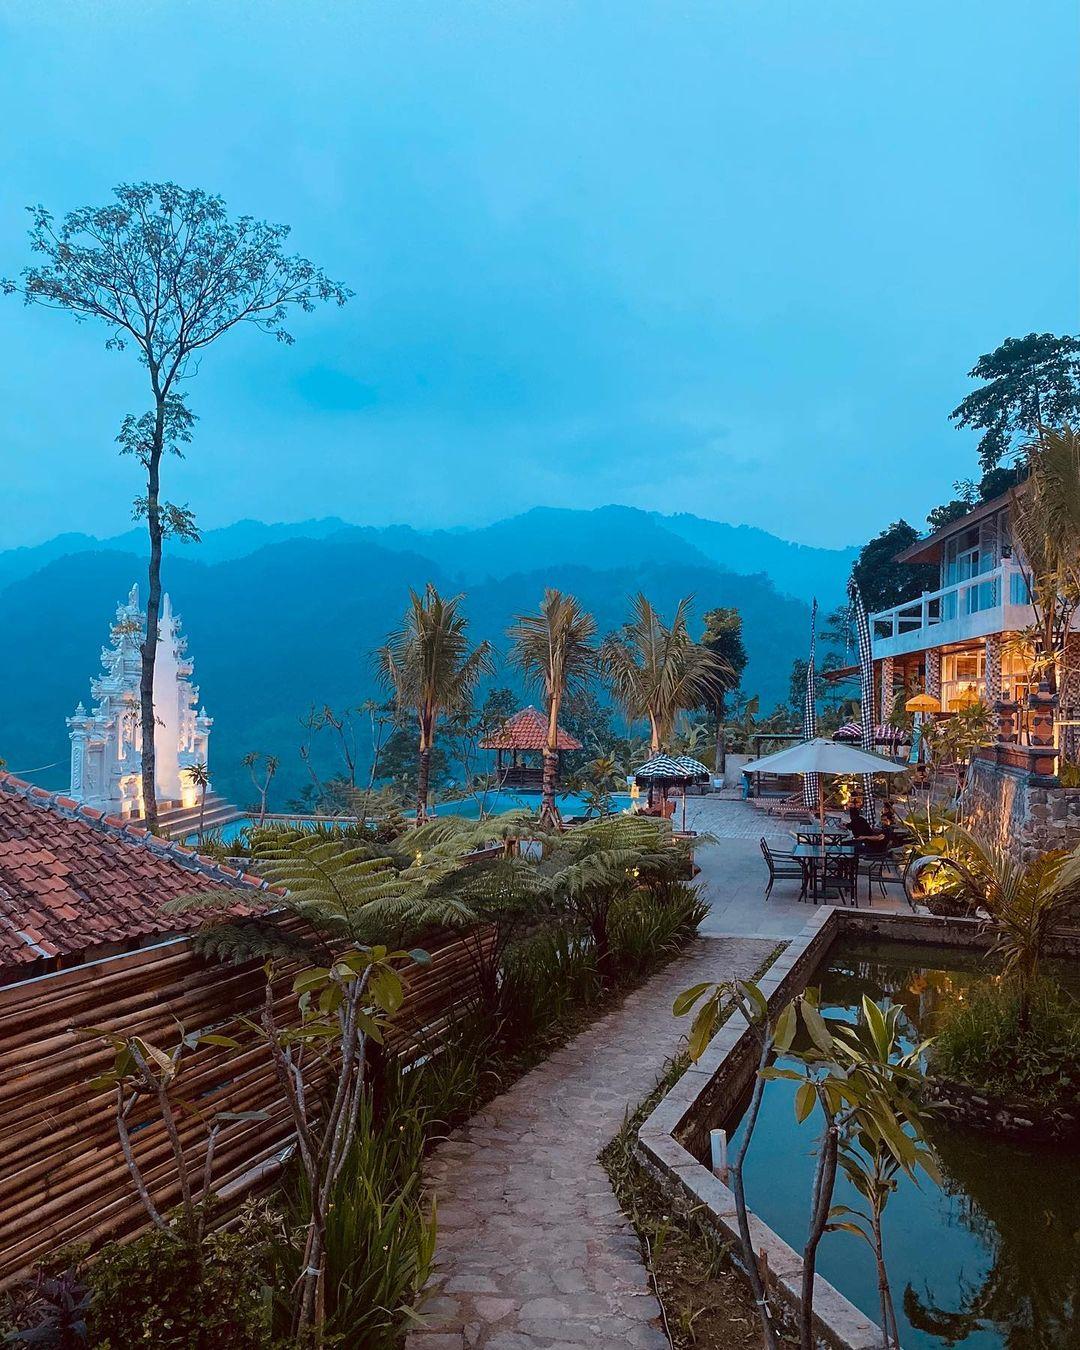 Suasana Di Mandapa Kirana Resort Sentul Bogor Image From @daniel_candra